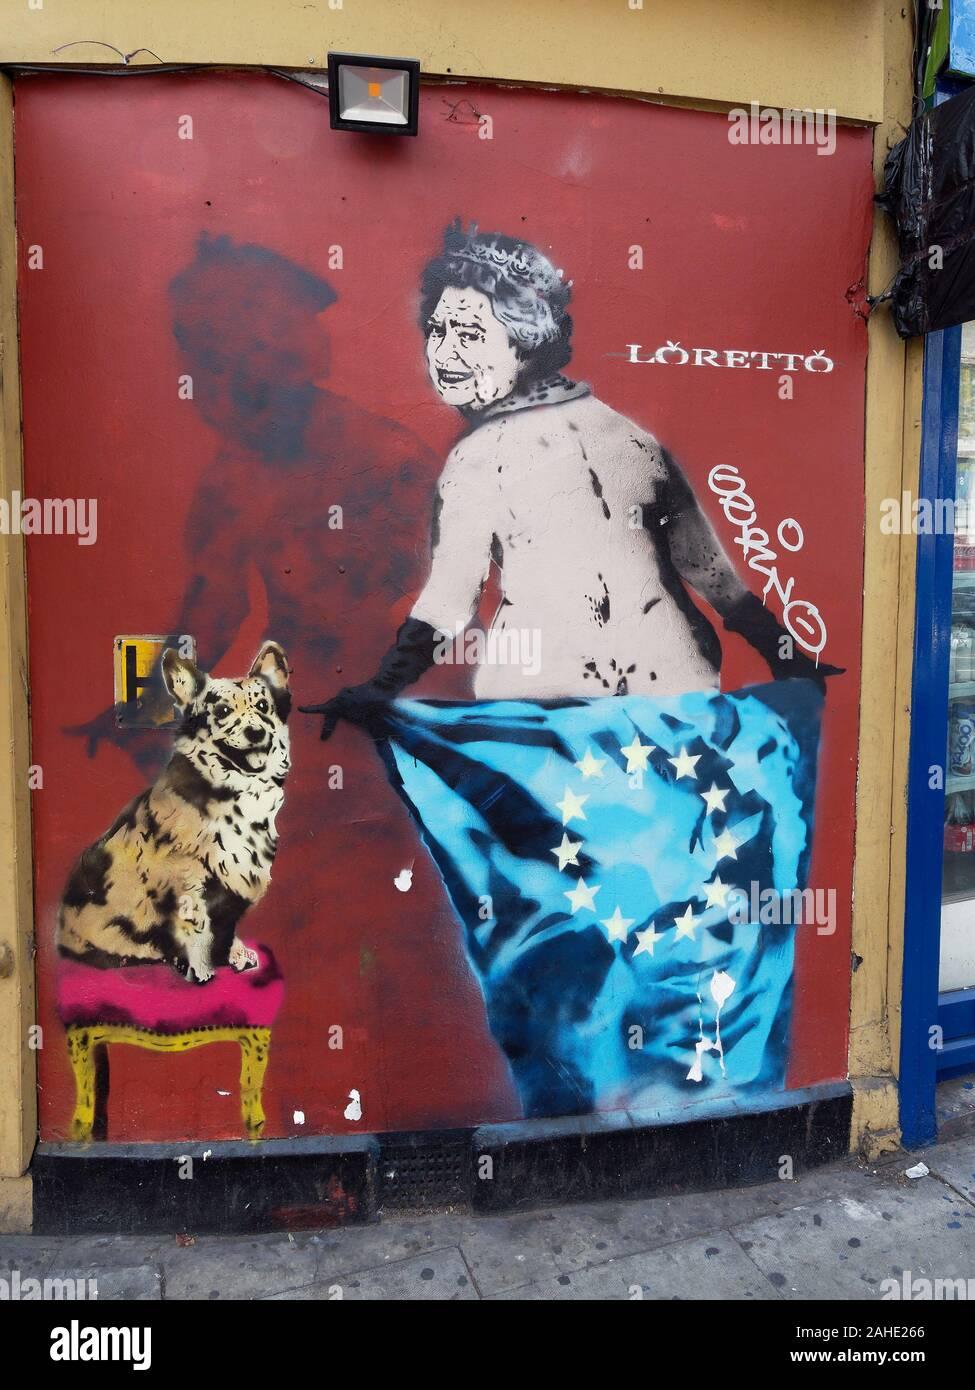 Graffiti arte callejero satírico con la reina Isabel II, corgie y bandera de la UE. Foto de stock